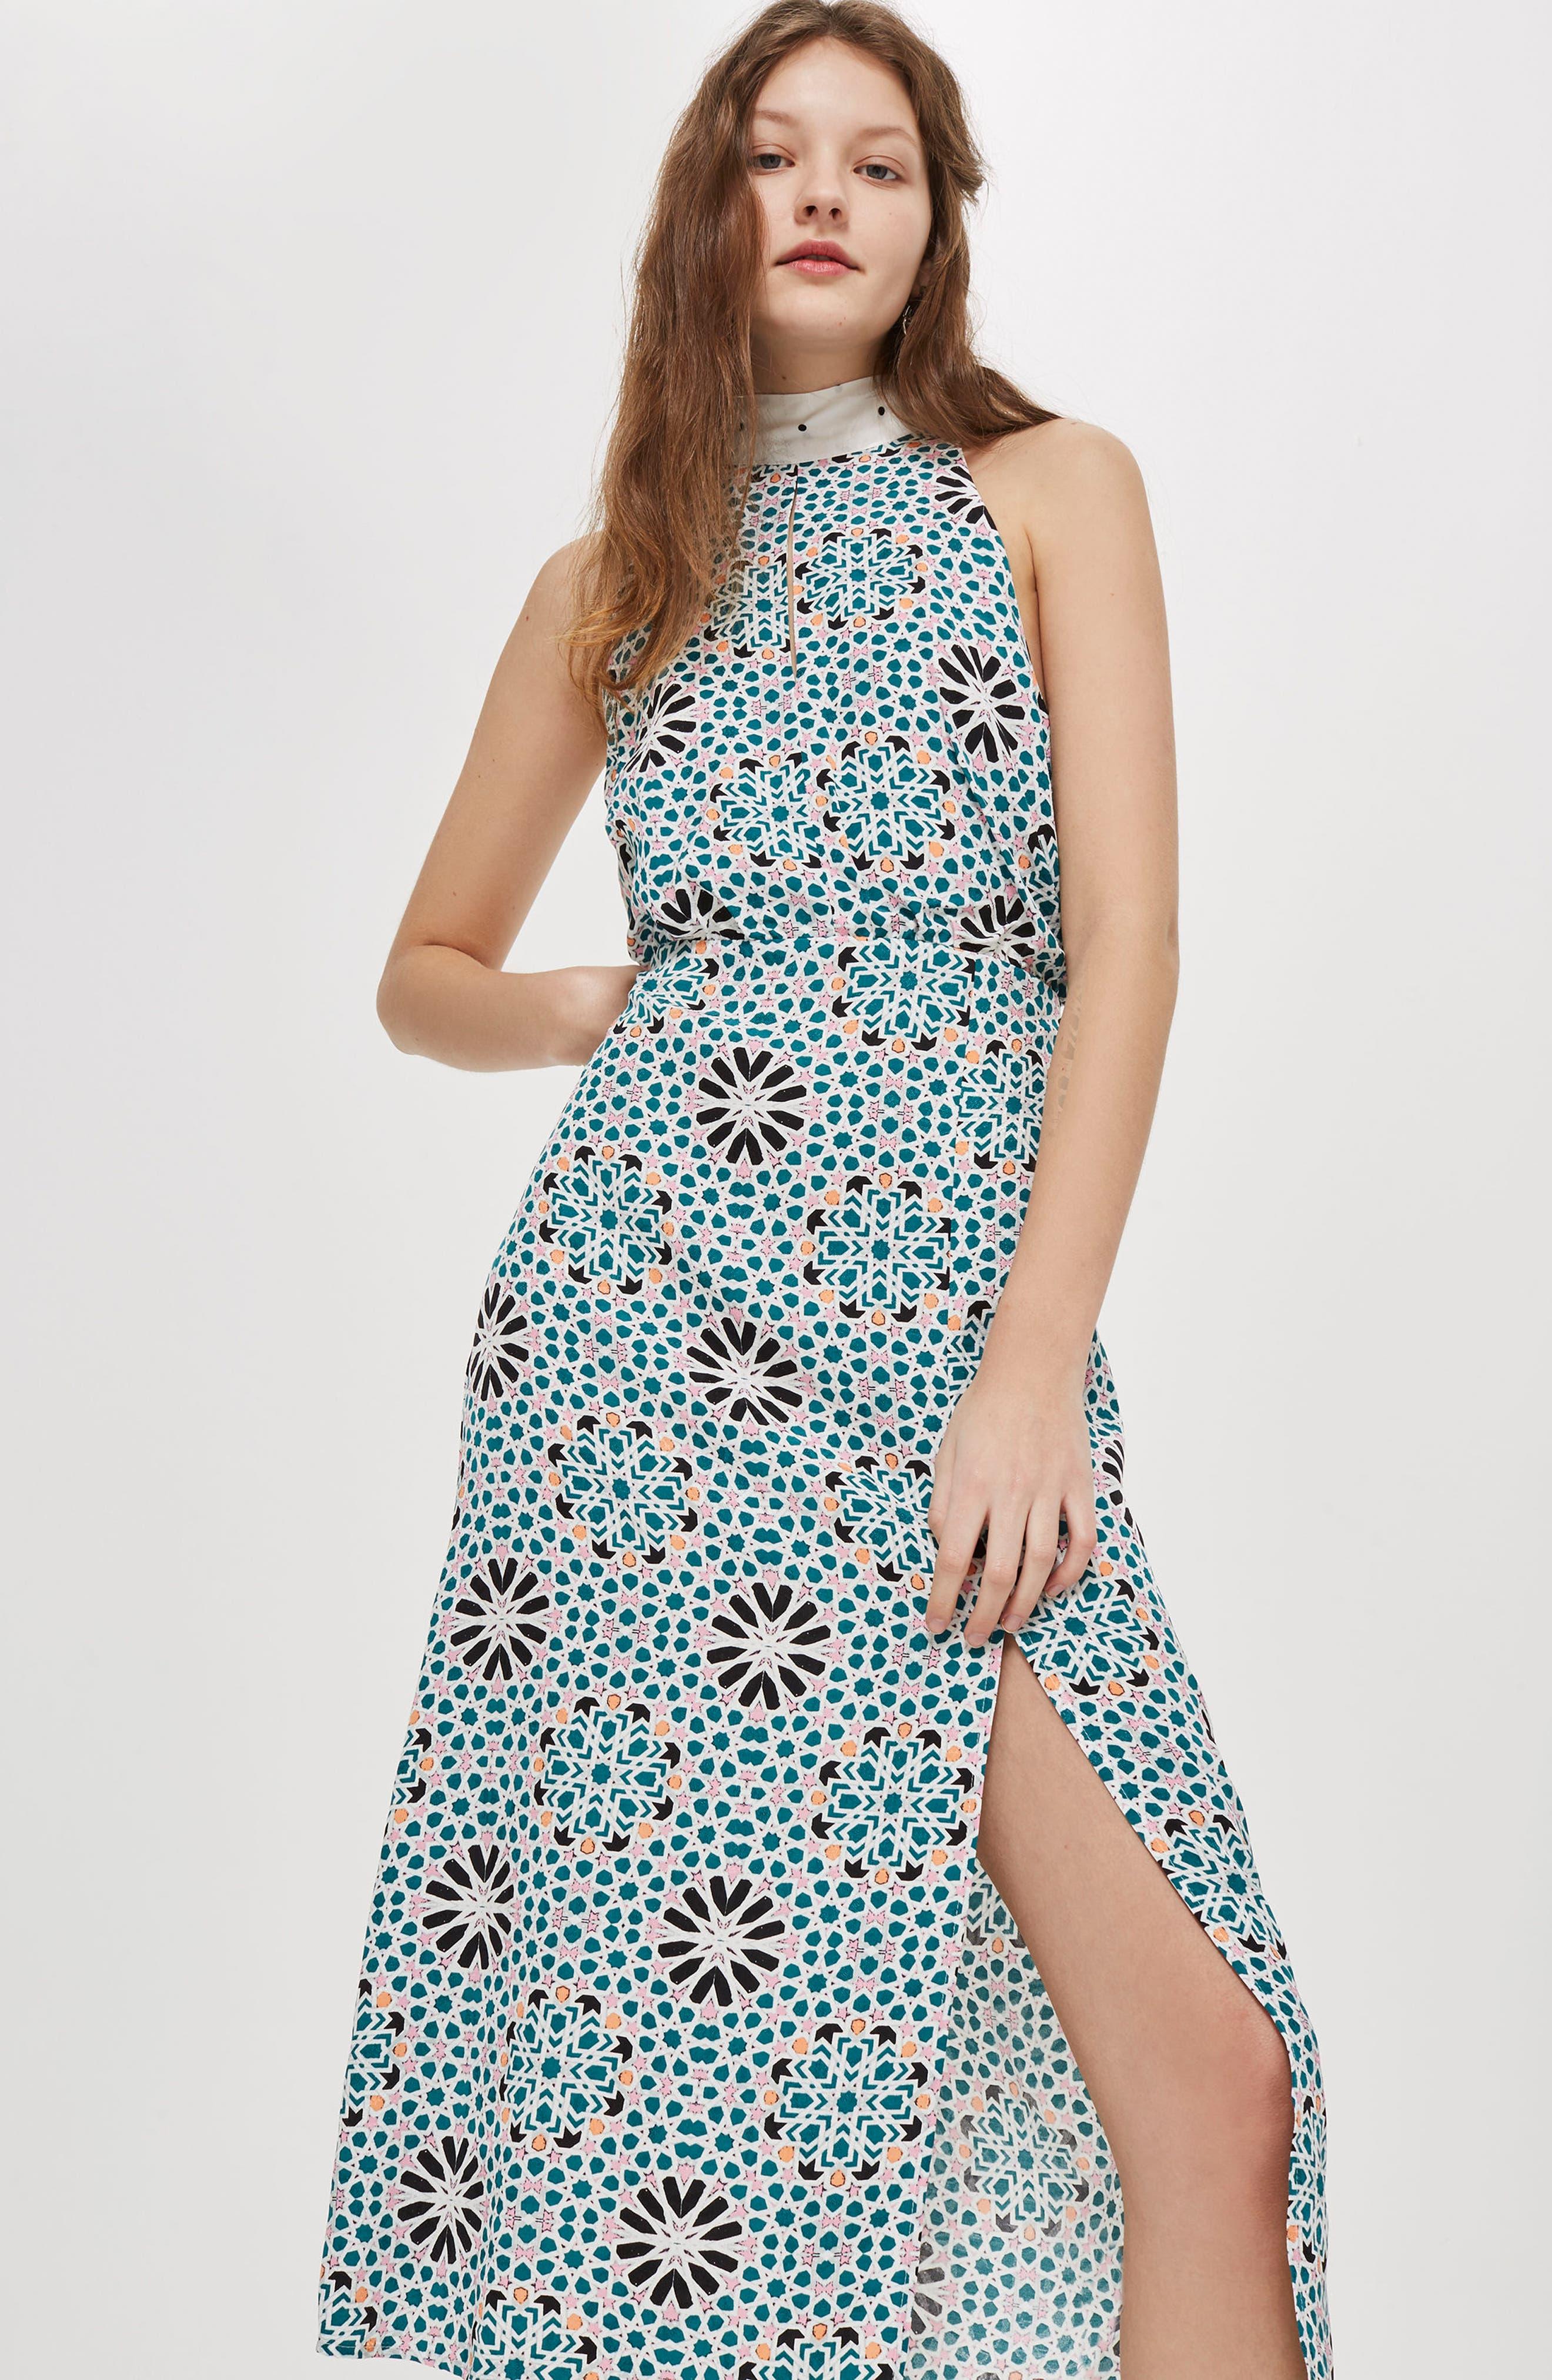 Topshop Women\'s Dresses | Nordstrom